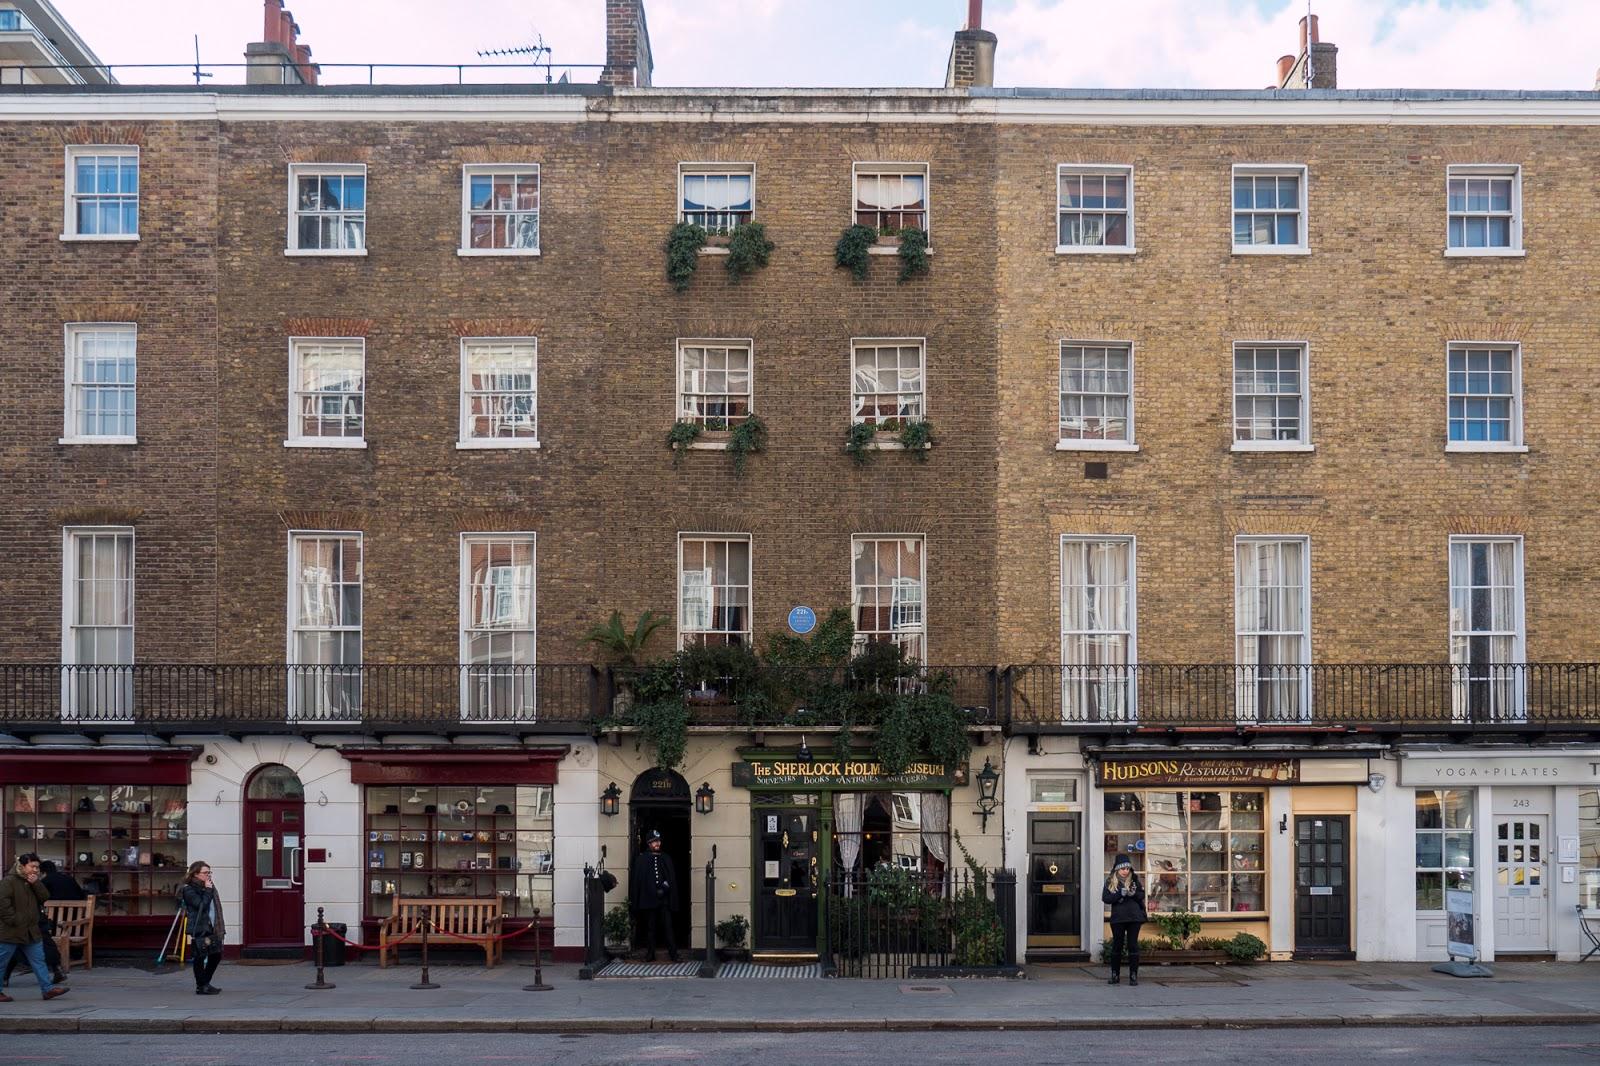 London Baker Street 221b Sherlock Holmes